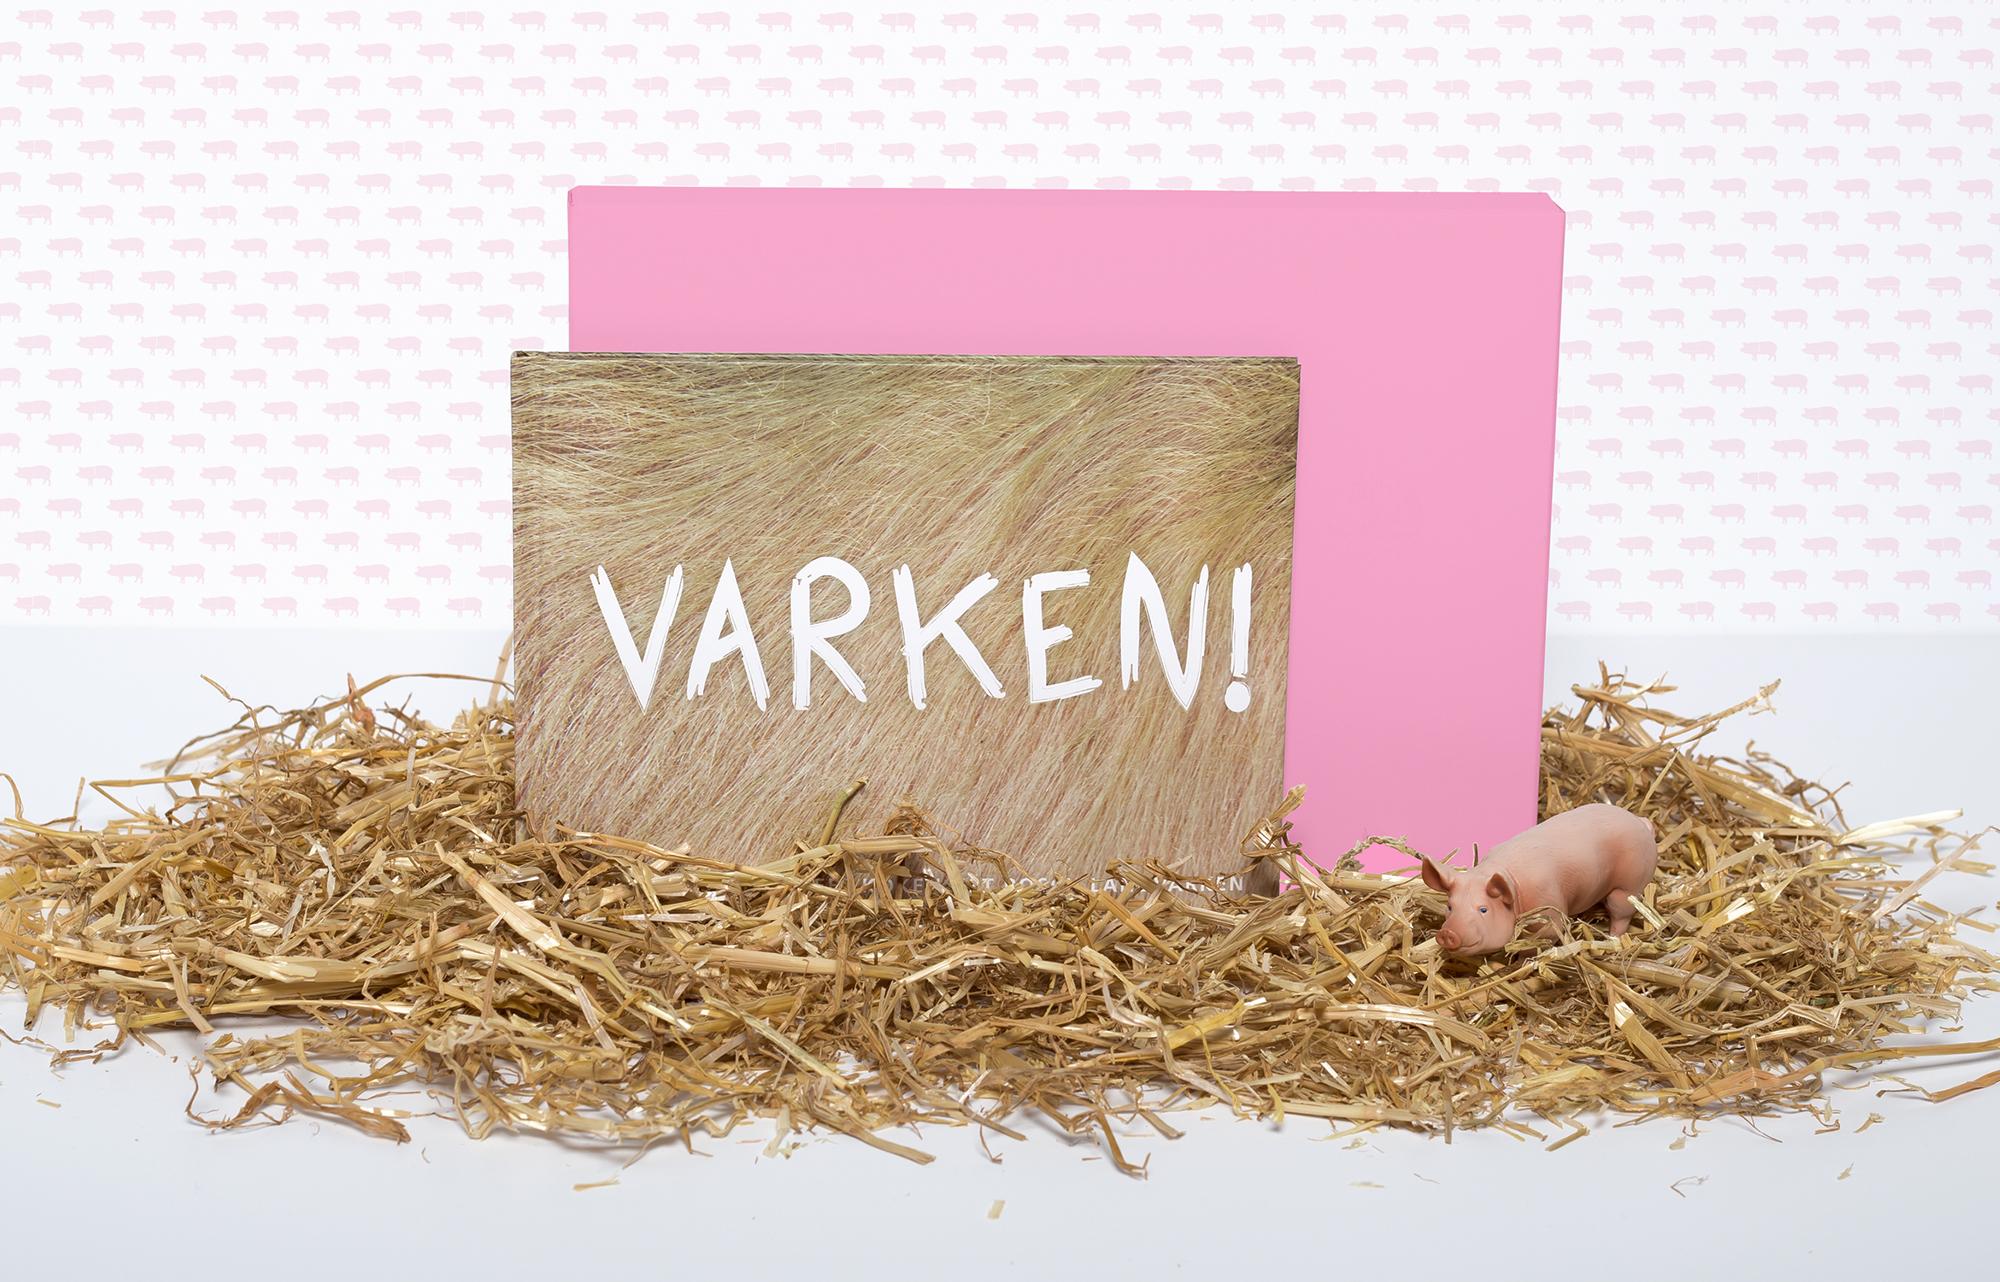 Varken_01B@1